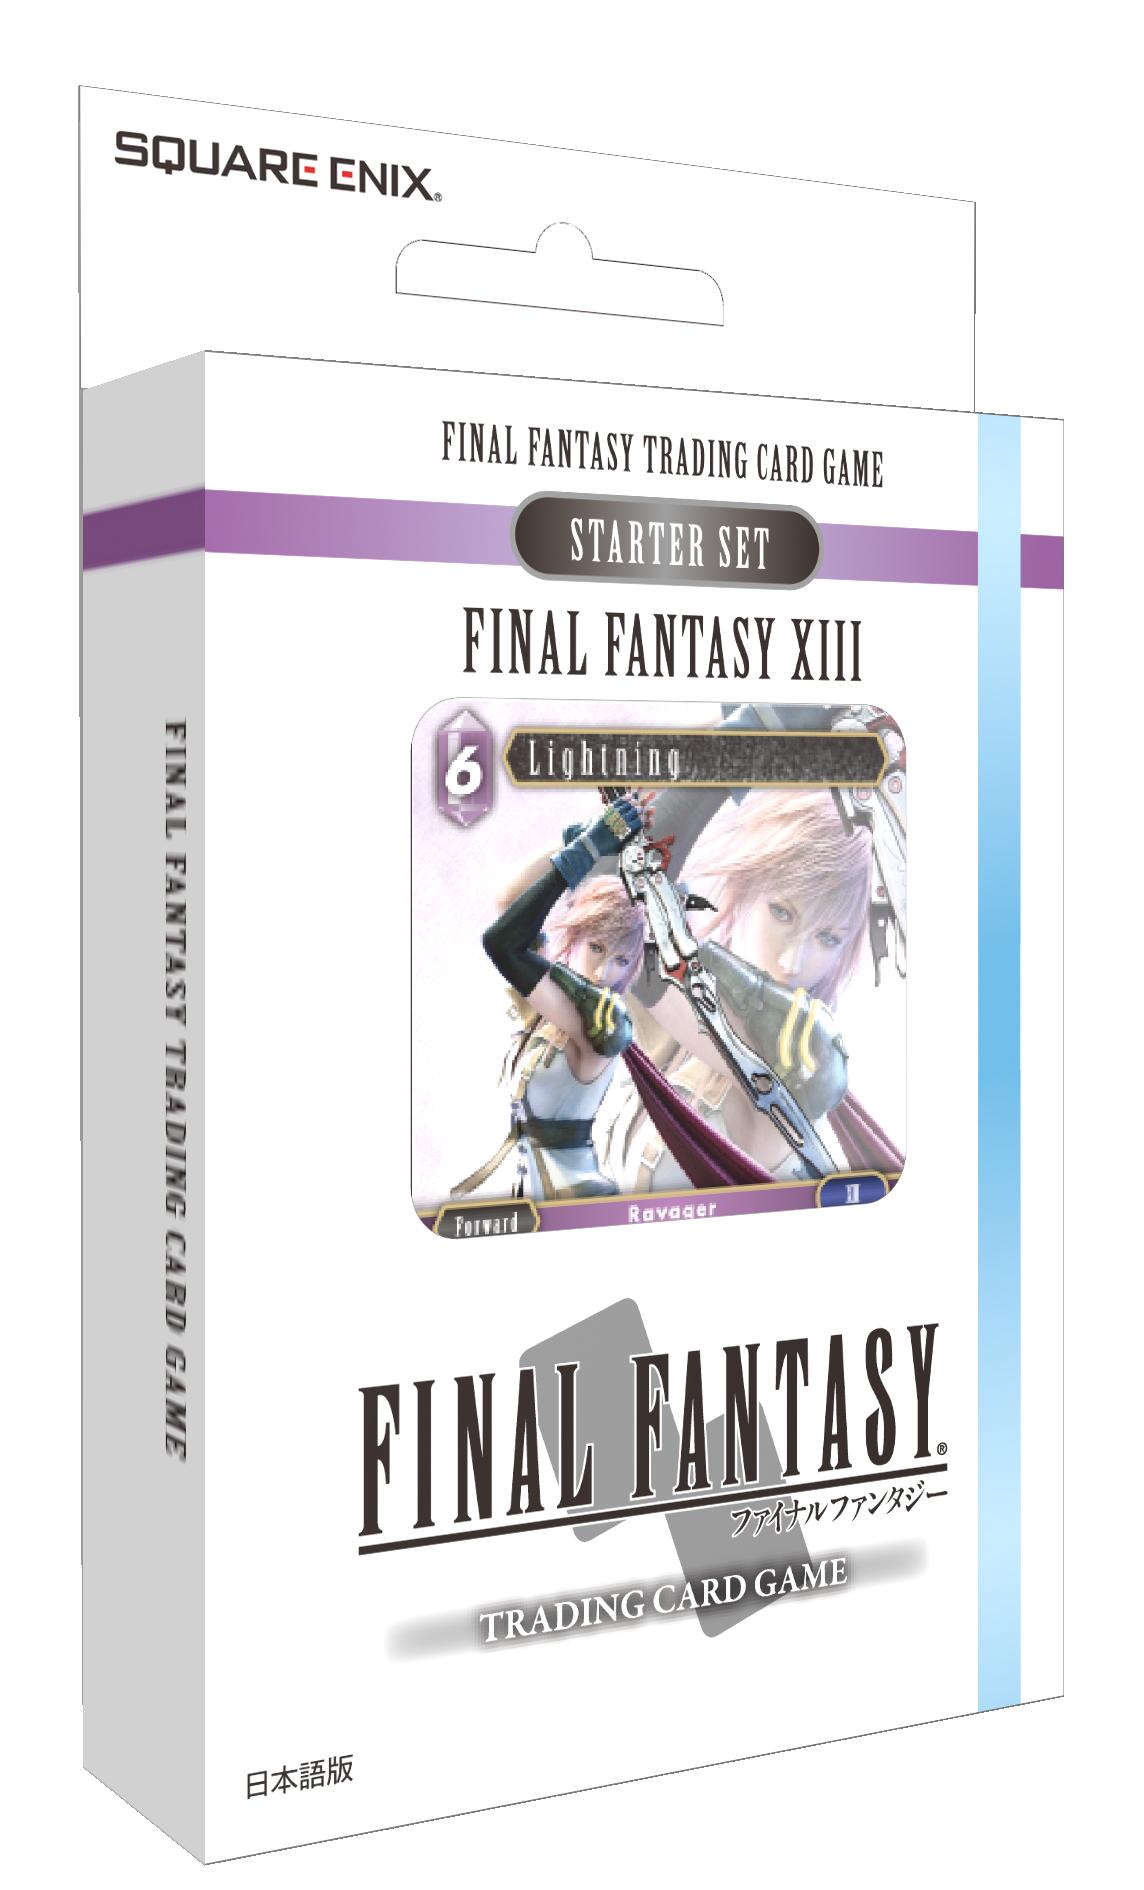 FF-TCG スターターセット ファイナルファンタジーXIII